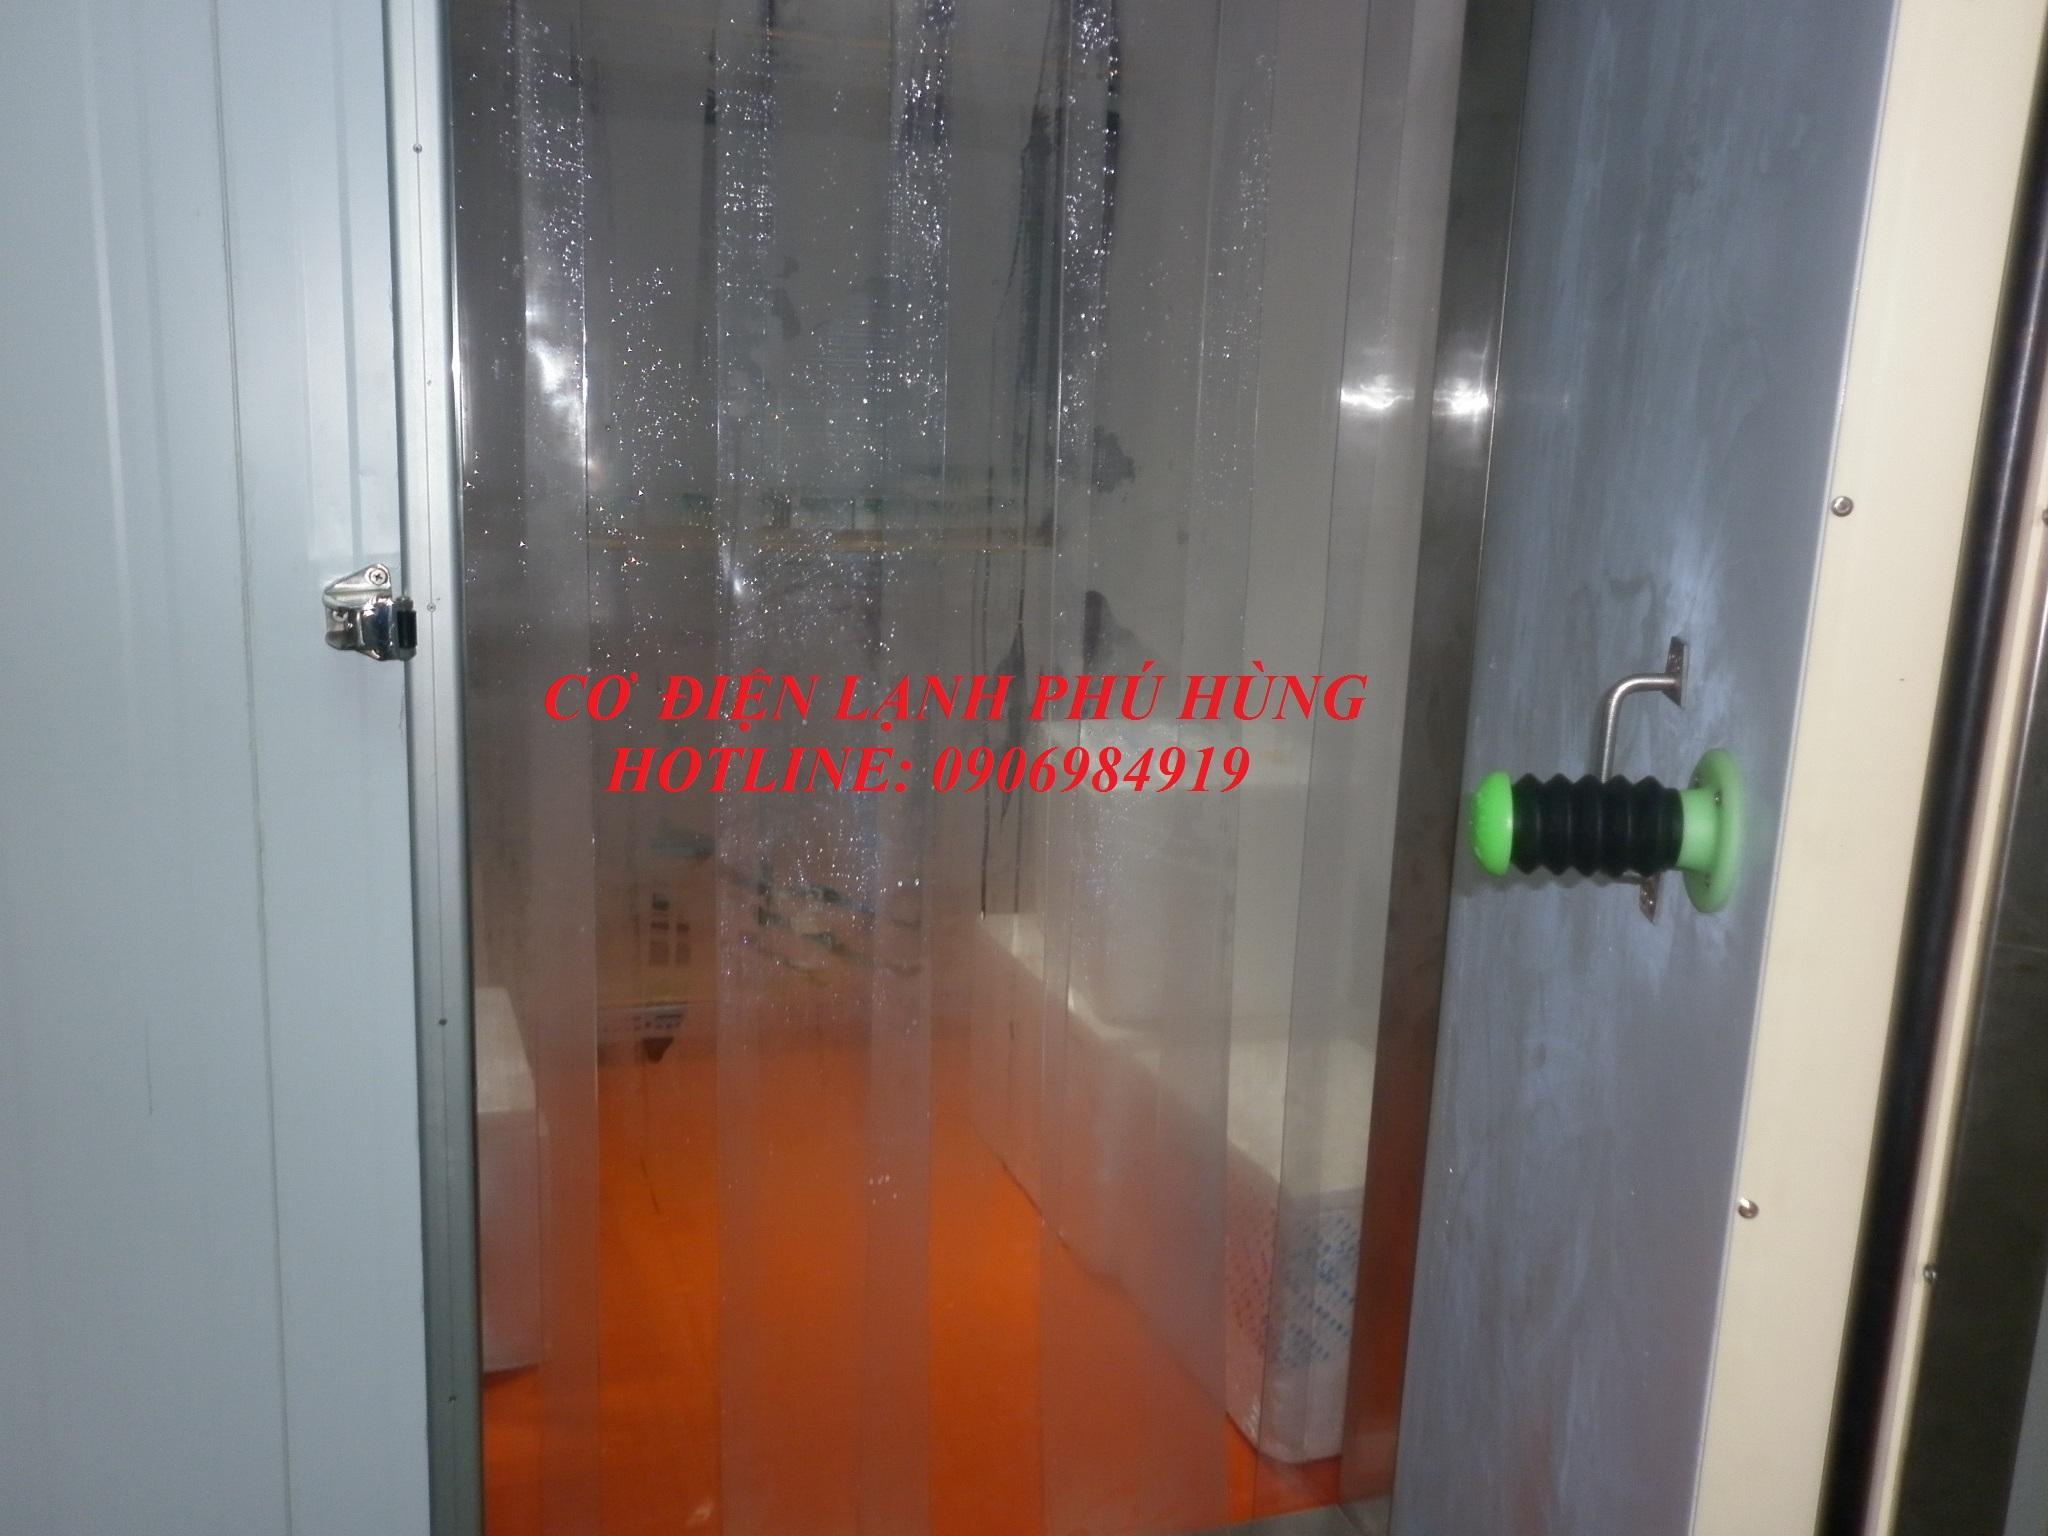 cửa + màn kho lạnh - Kho lạnh bảo quản vaccine - Cty TNHH TM Tân Tiến